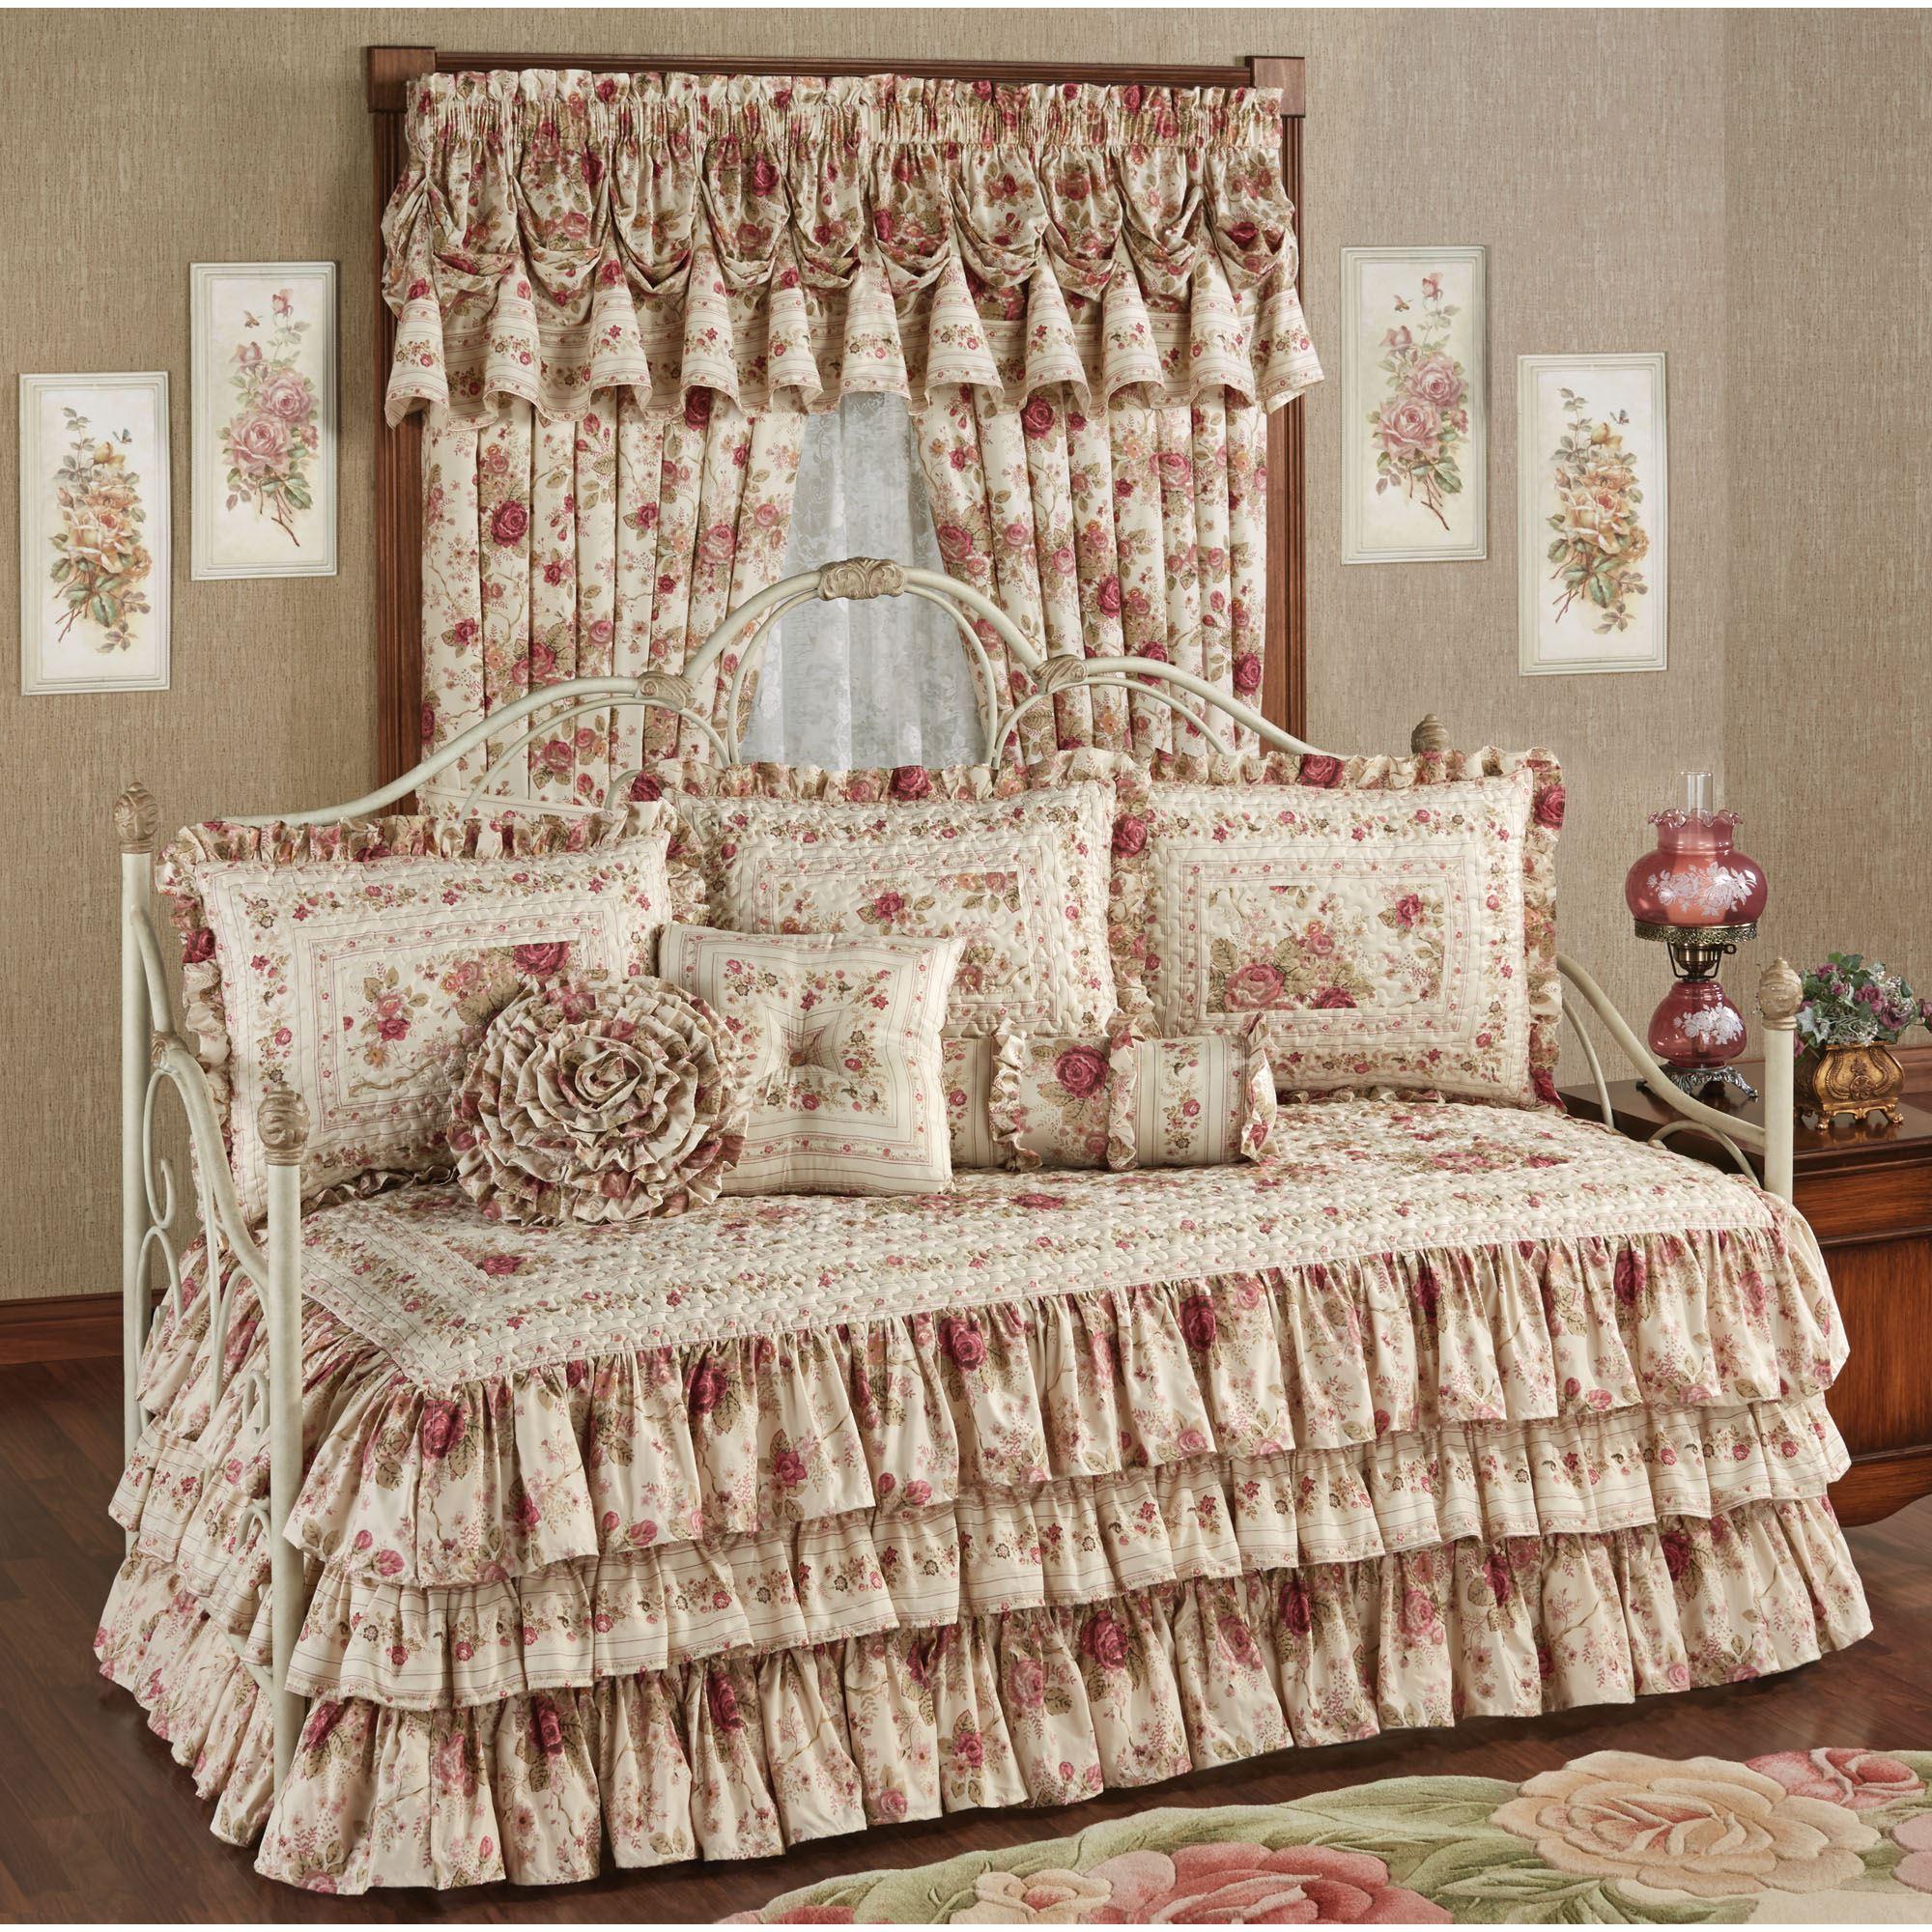 Floral Daybed Bedding Sets Hawk Haven